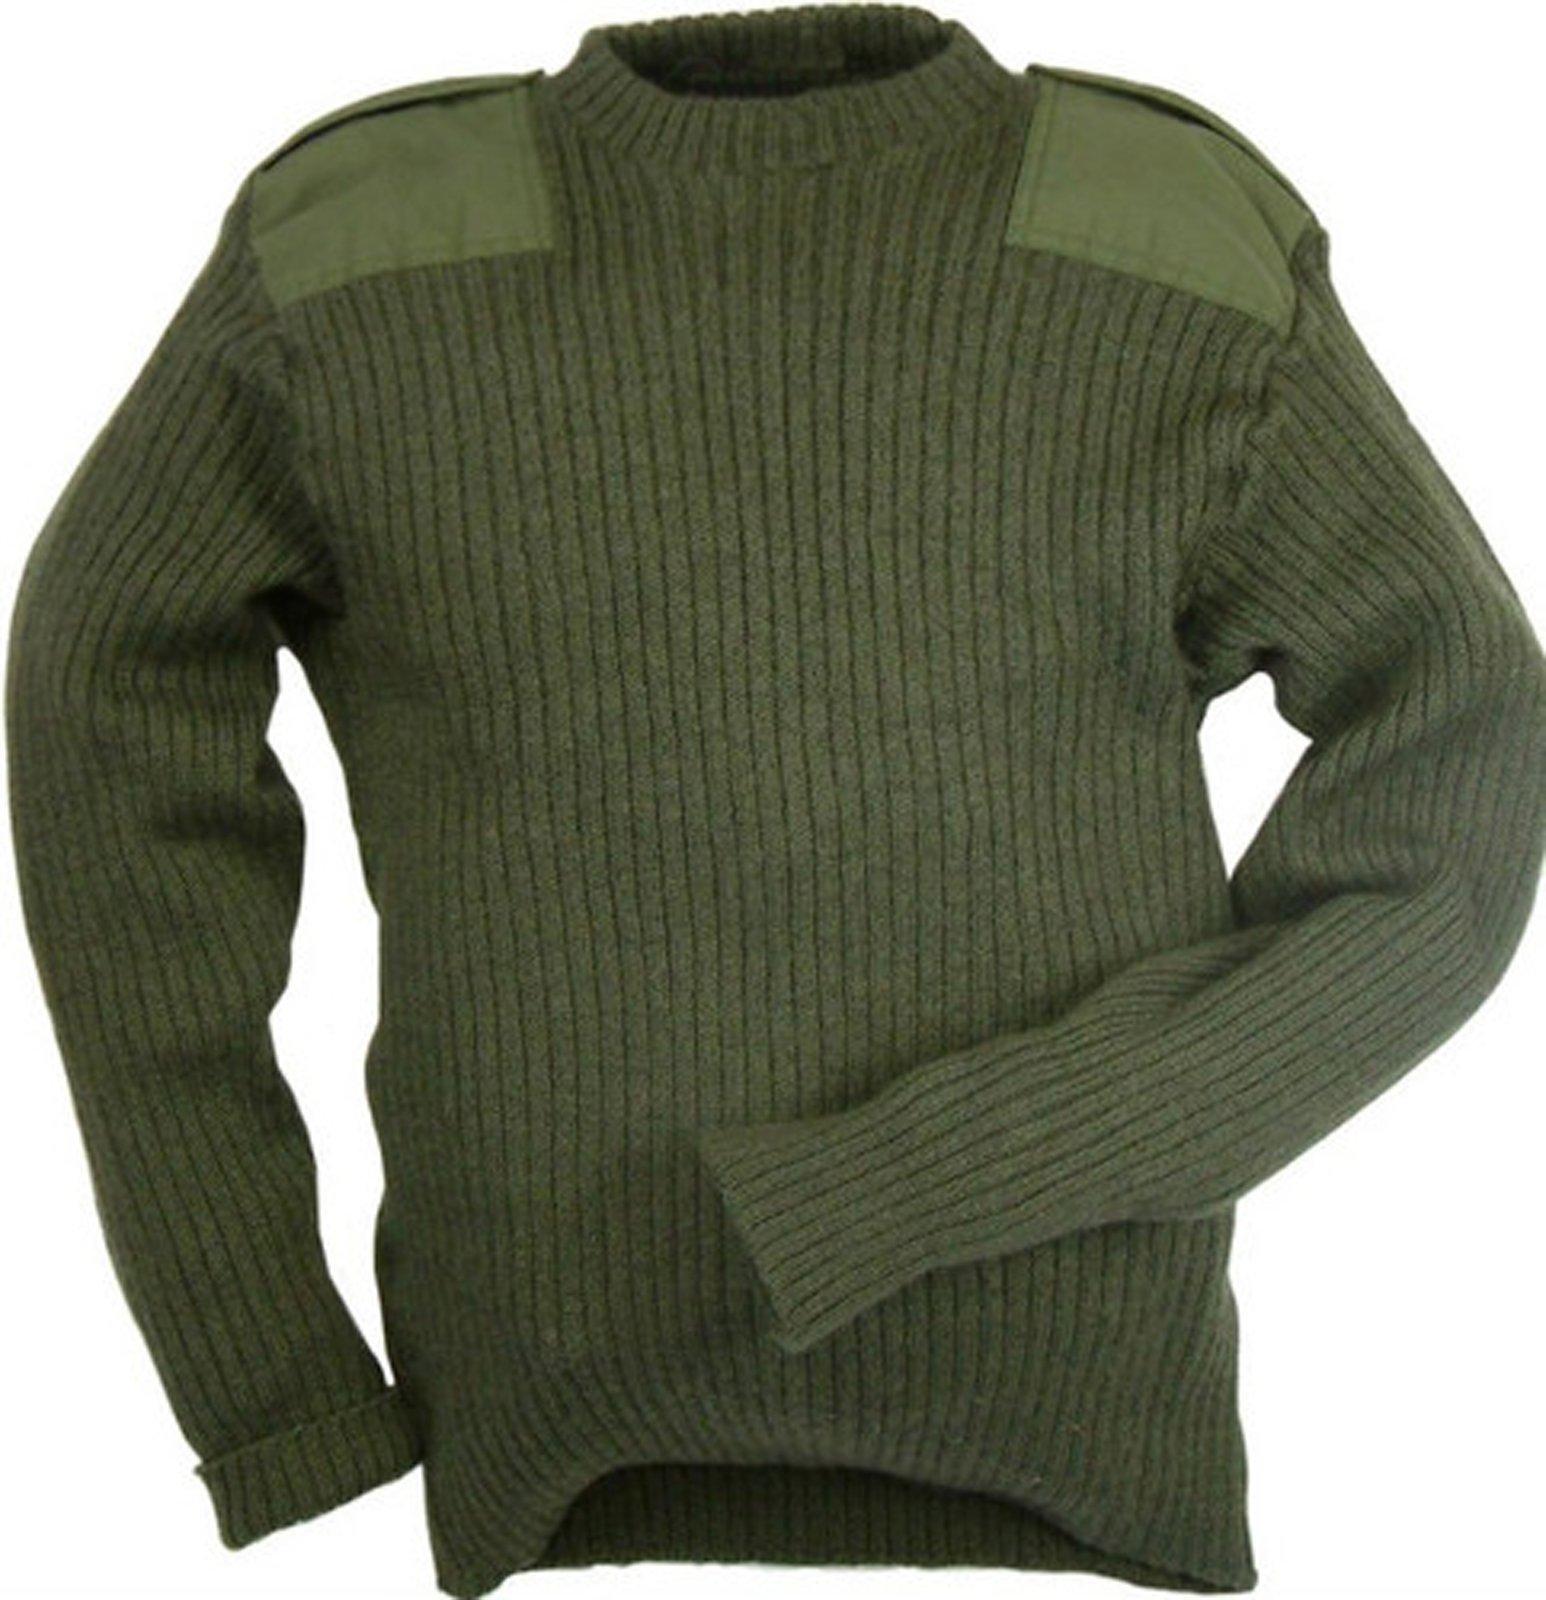 Genuine British Army Woolen Pullover Jumper Olive Green Army Surplus (100 cm 40